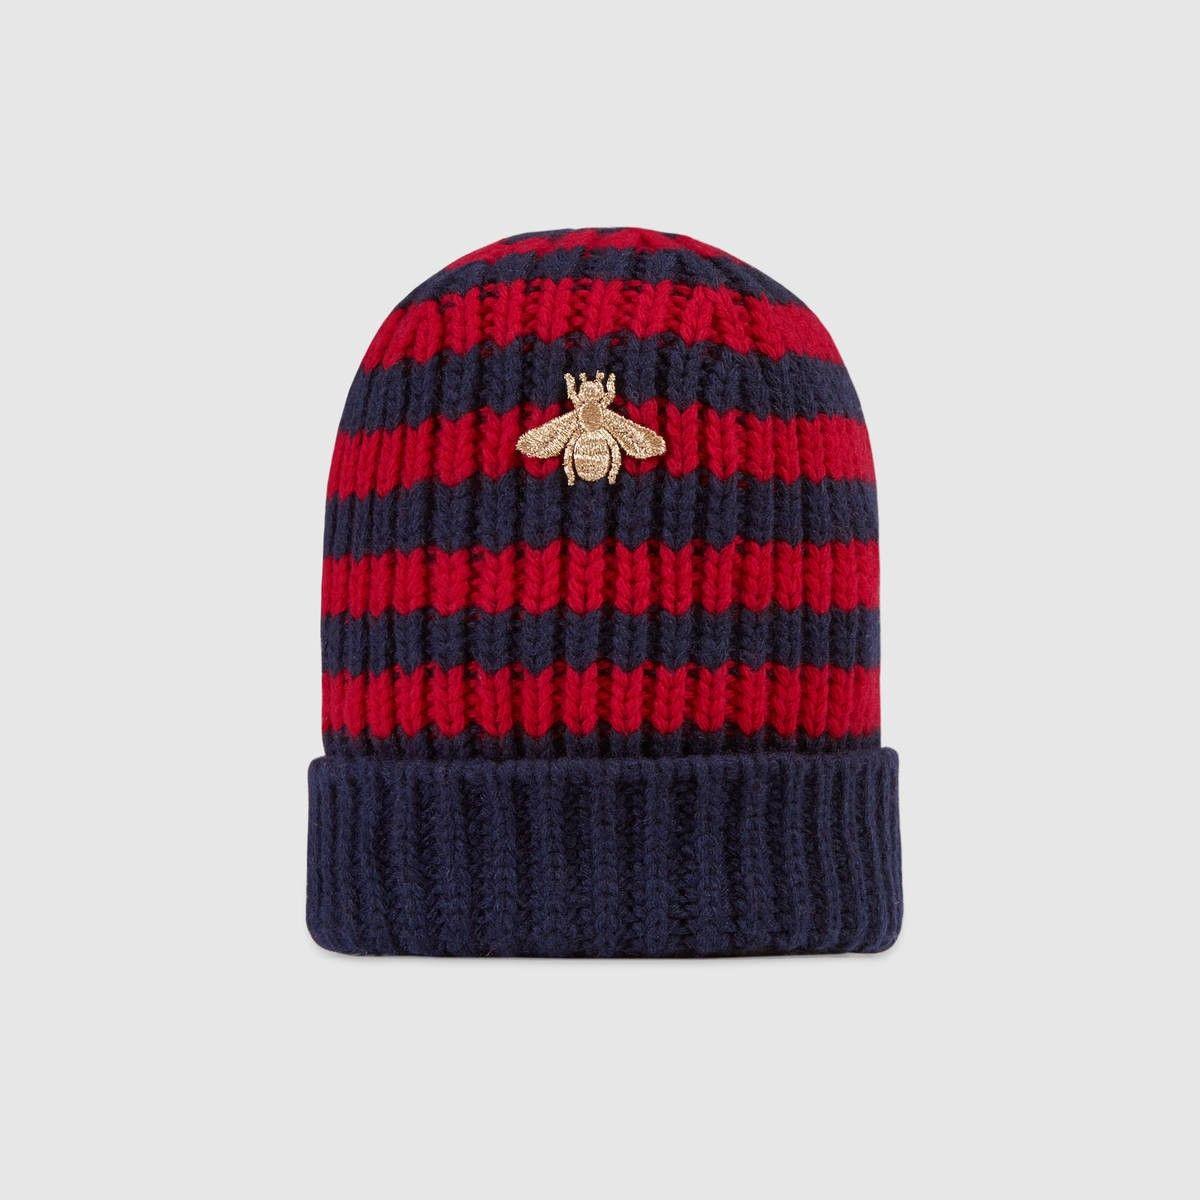 GUCCI Striped wool hat - blue red wool.  gucci    fd0516332145